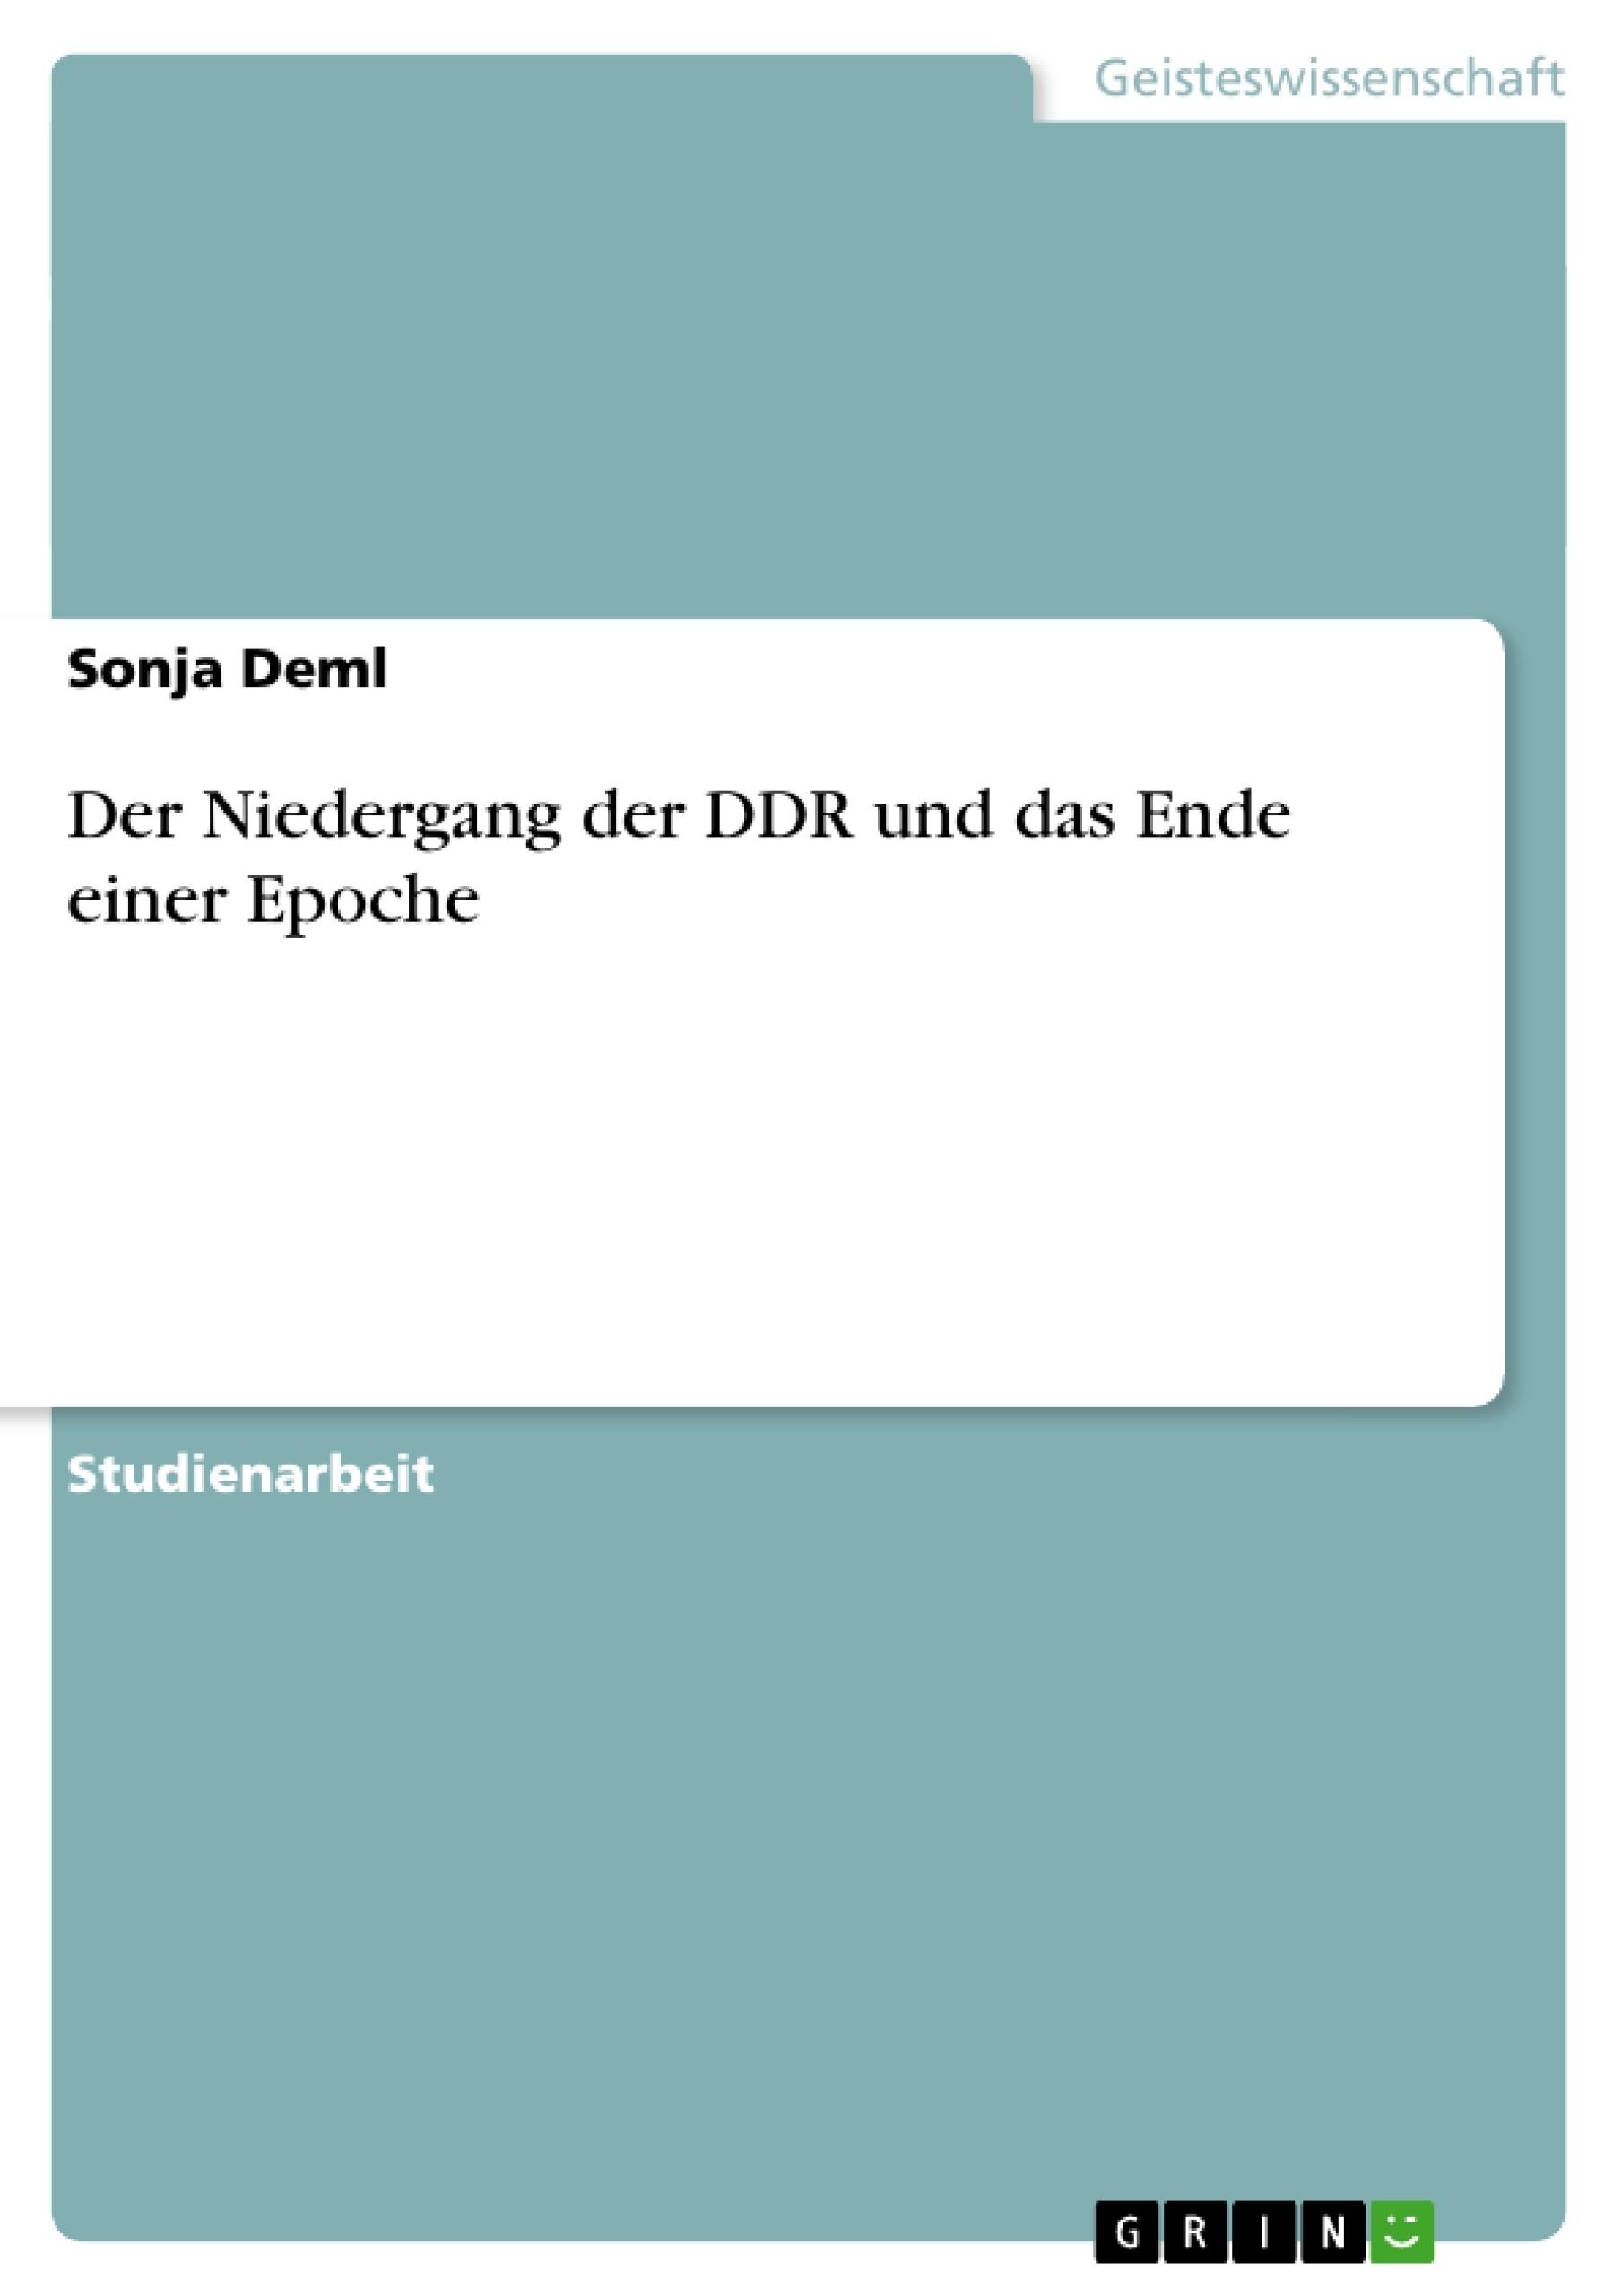 Titel: Der Niedergang der DDR und das Ende einer Epoche